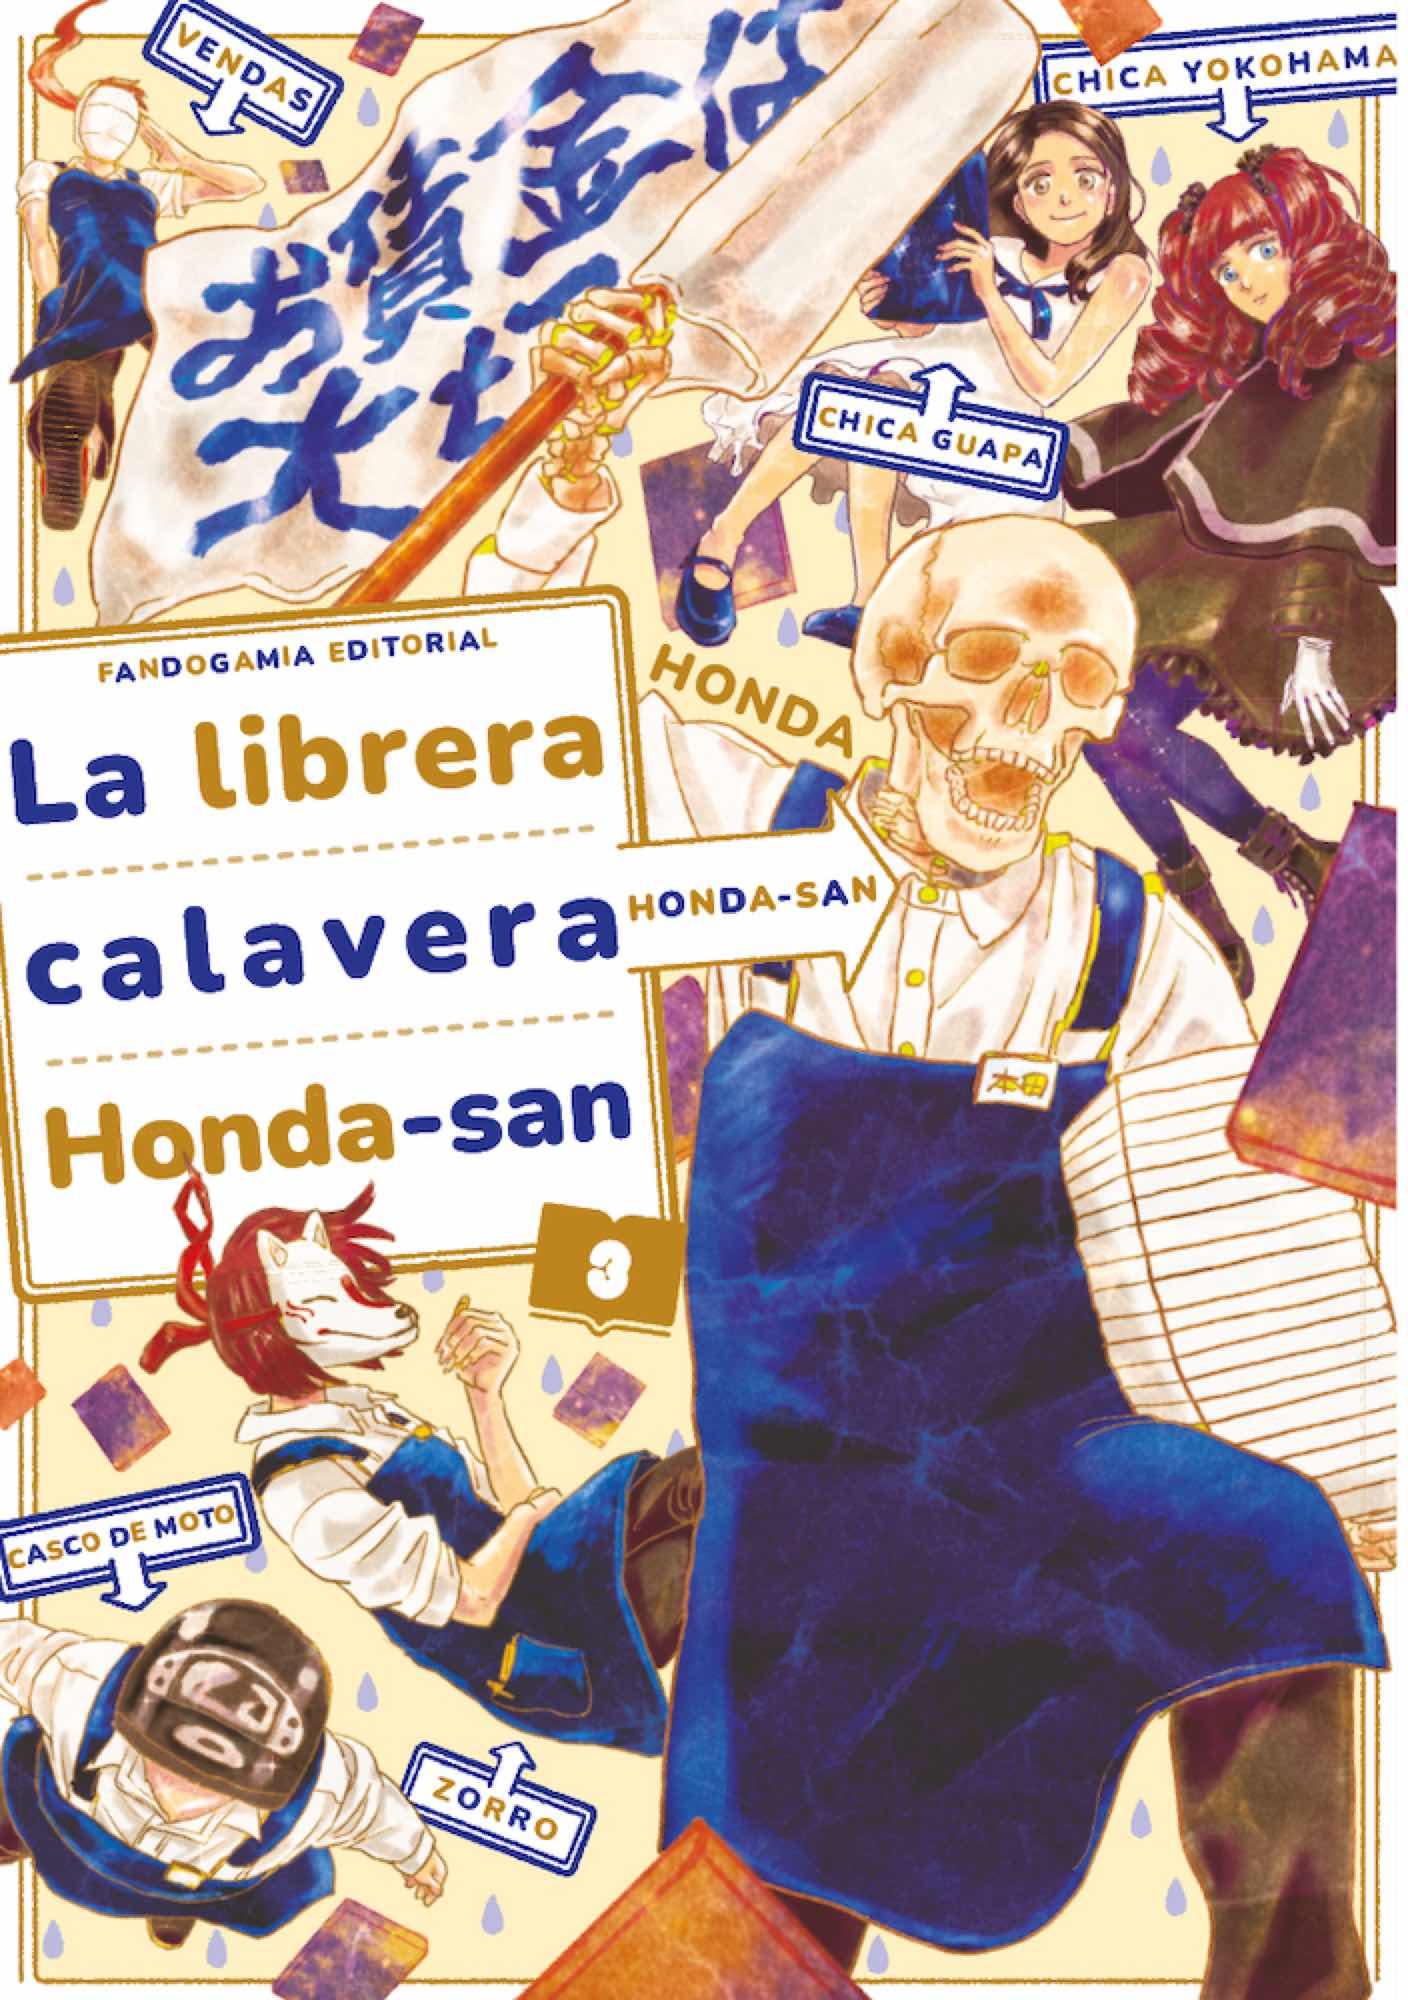 LA LIBRERA CALAVERA HONDA-SAN 03